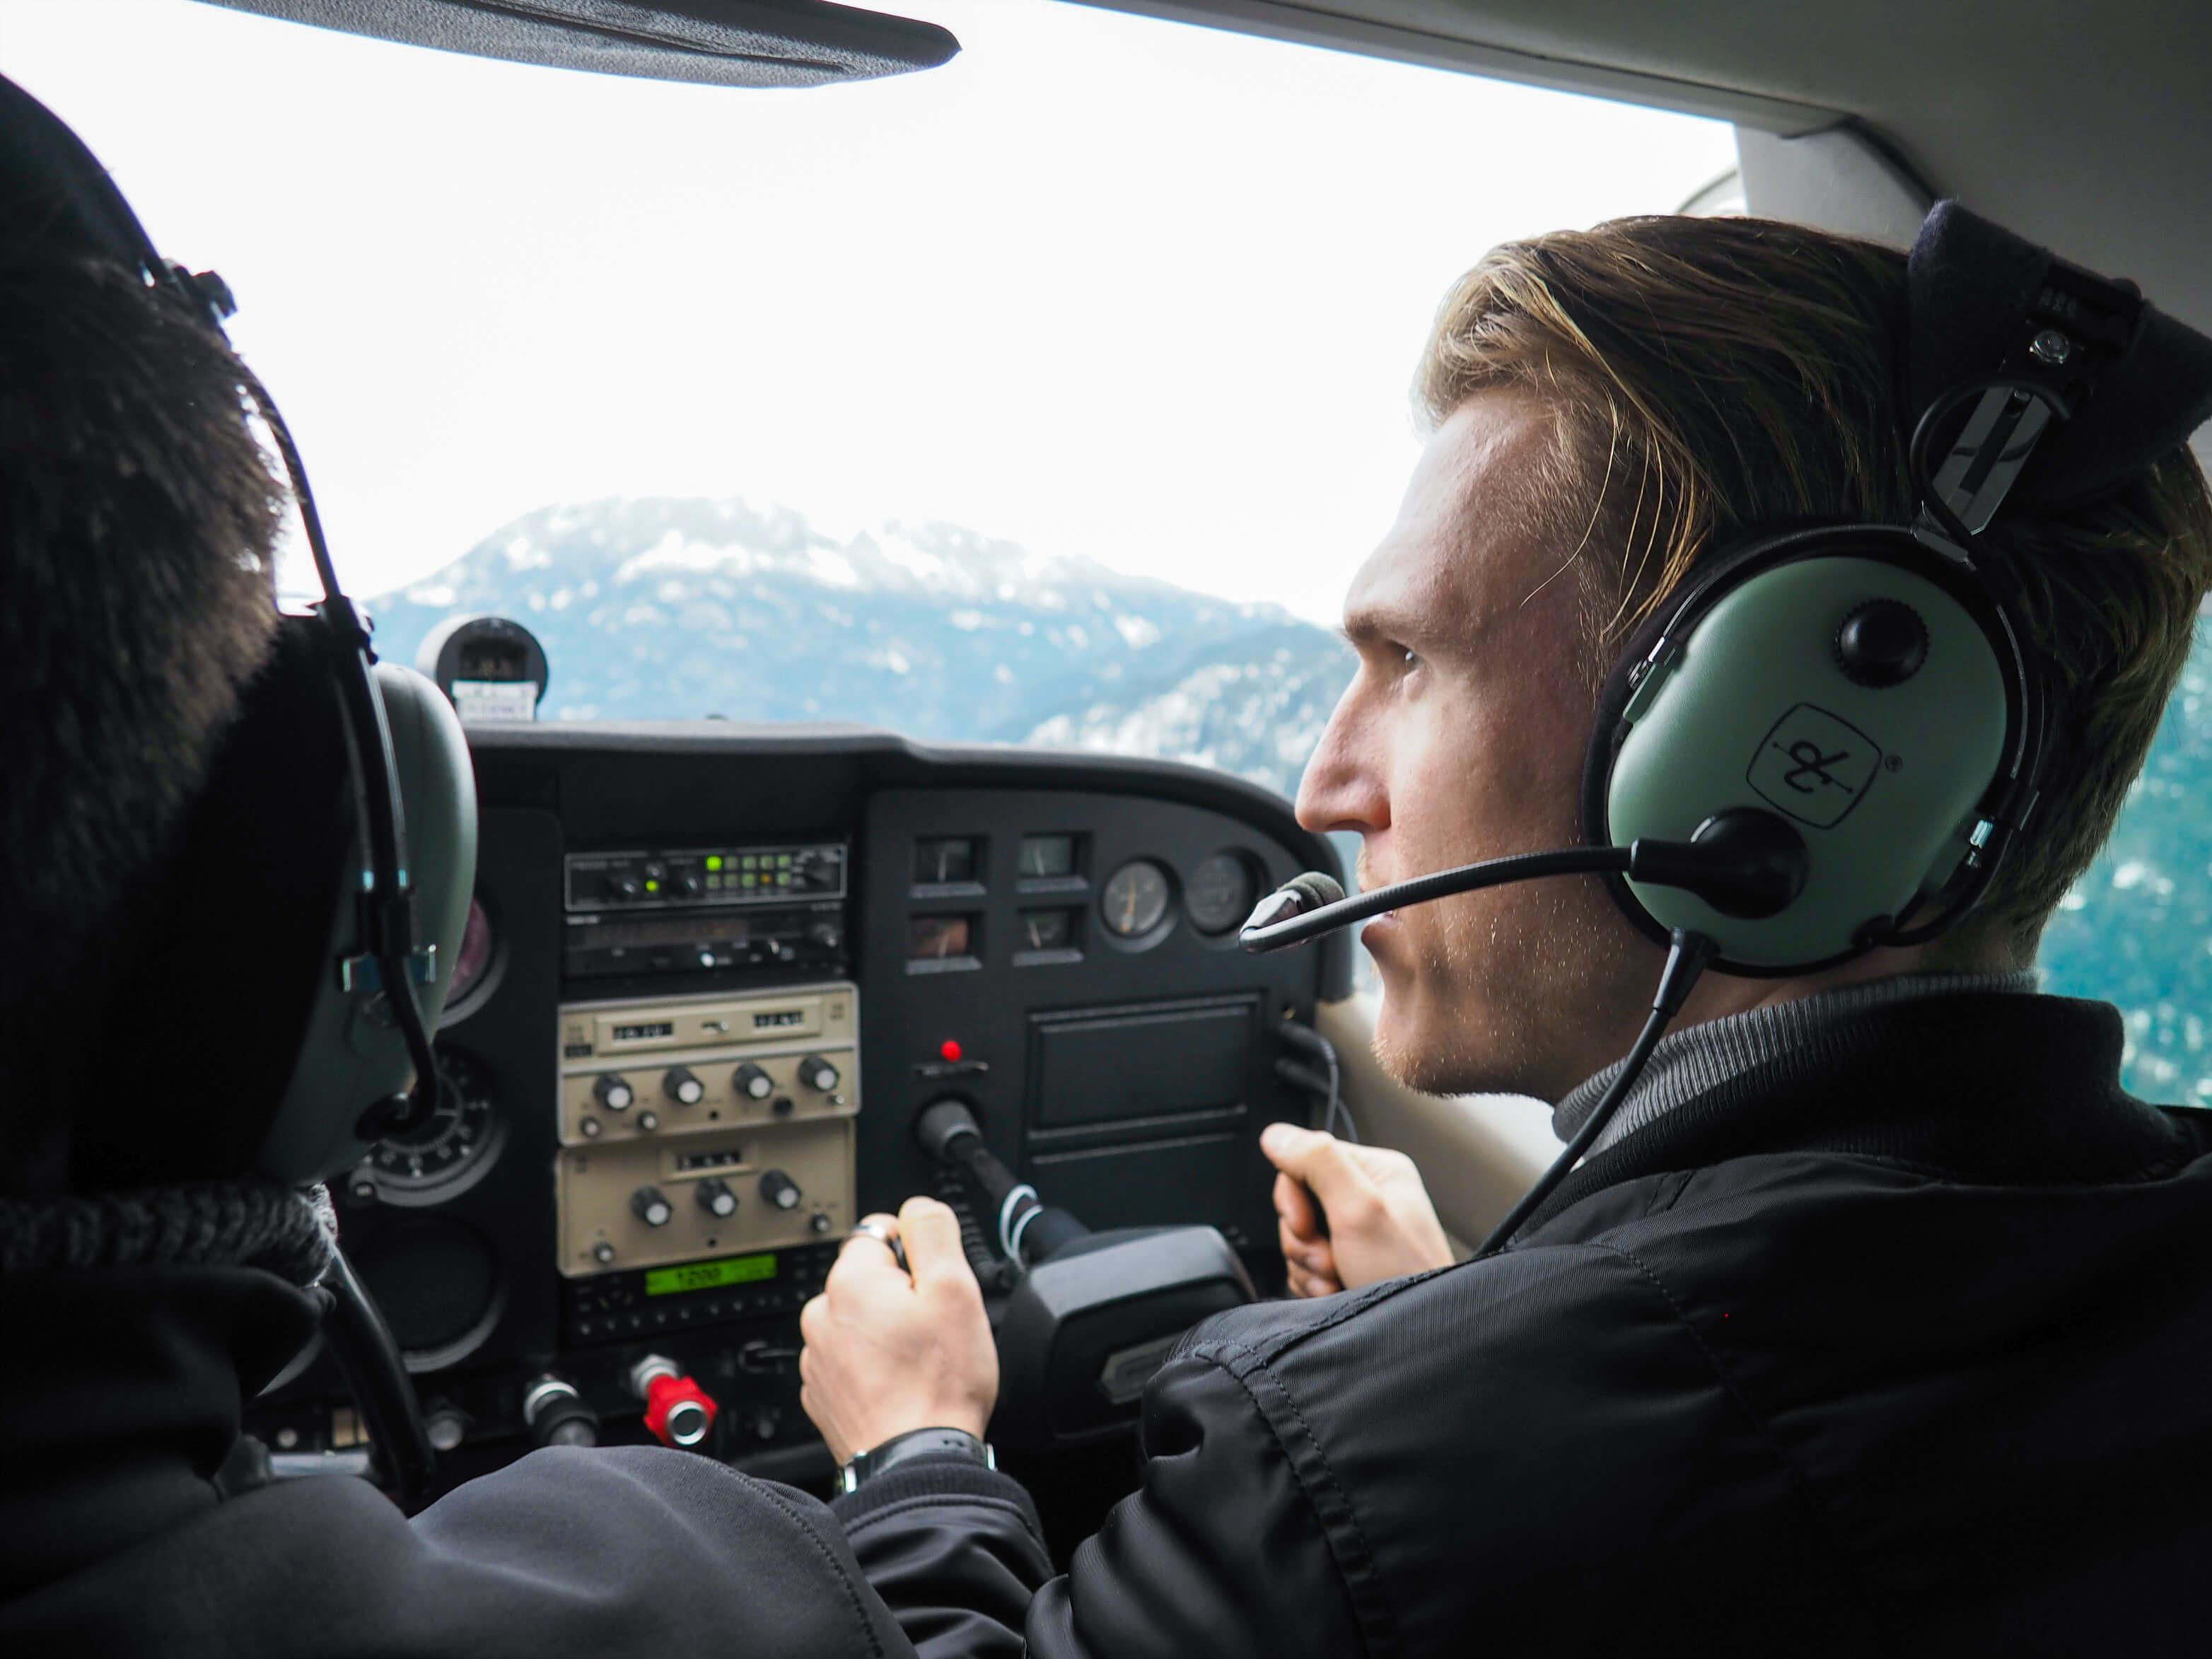 Squamish Sightseeing Tours